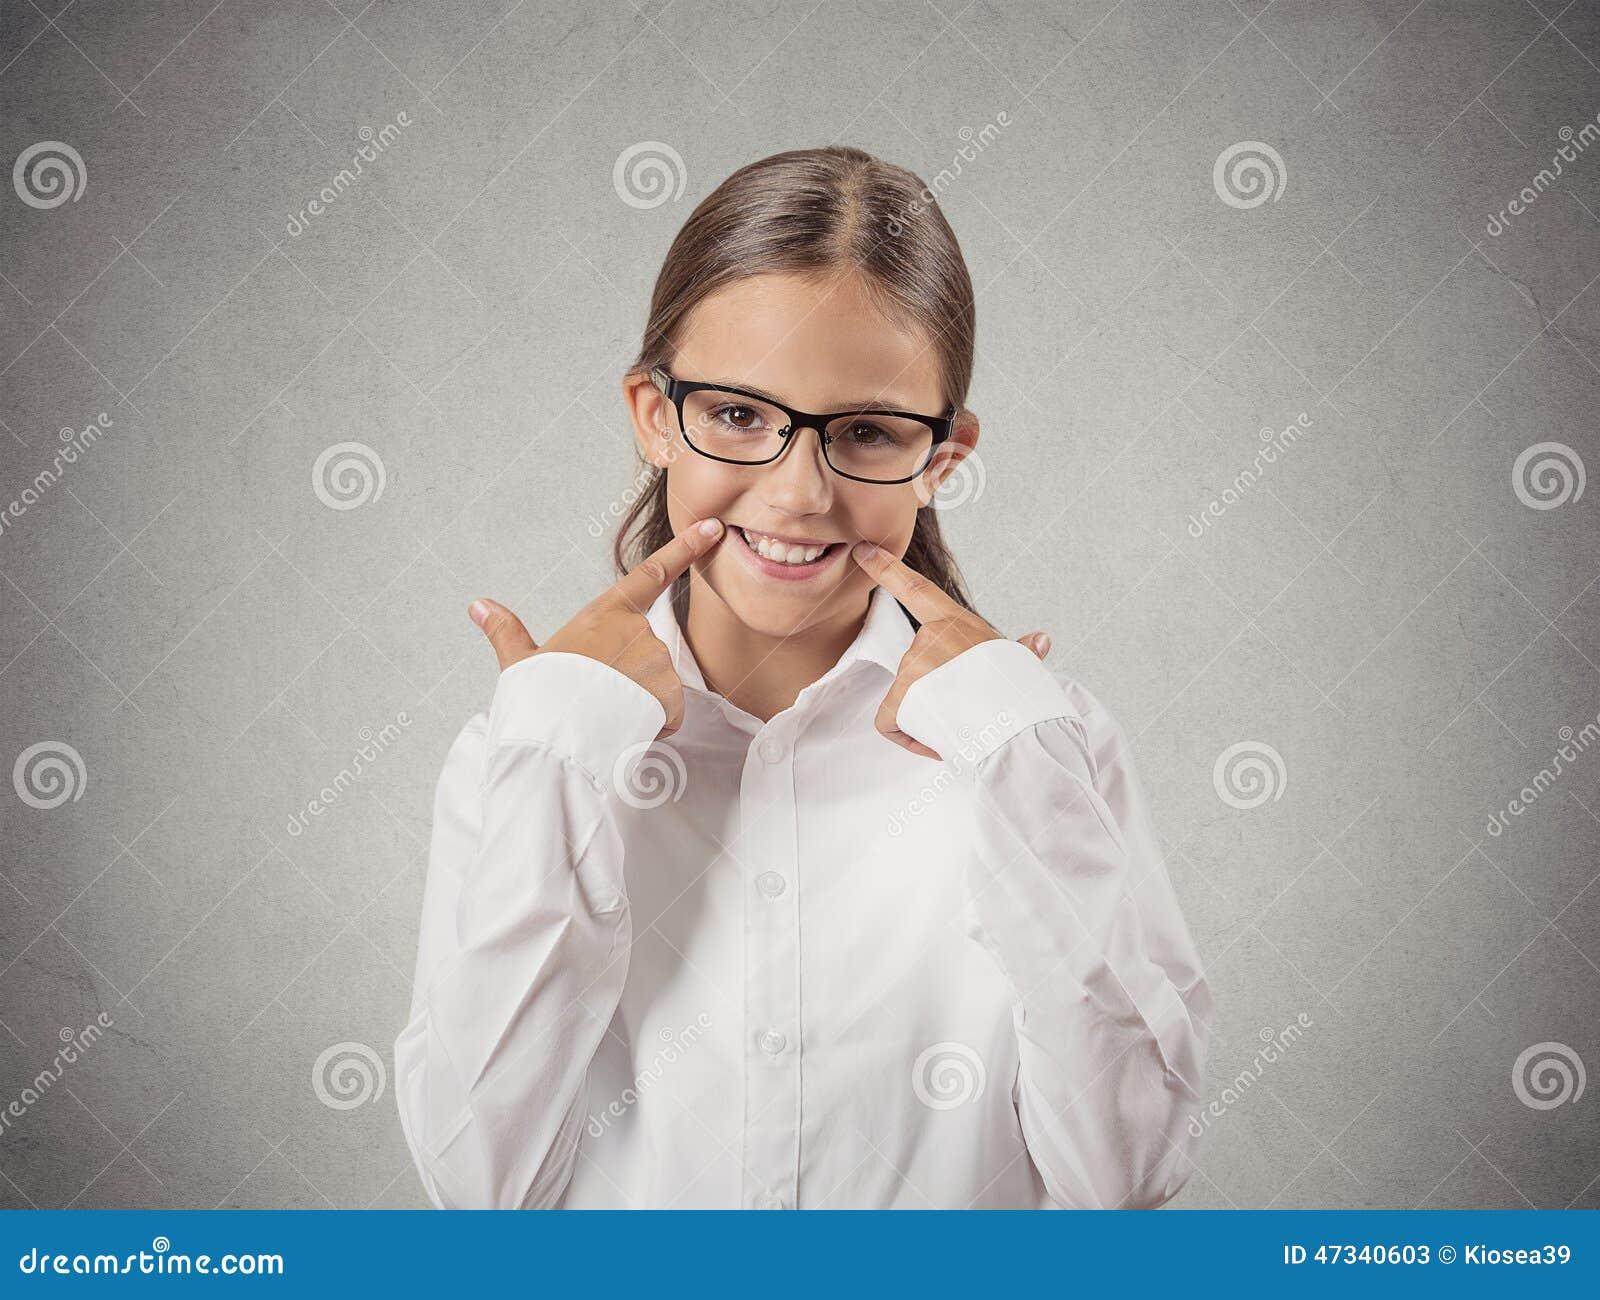 Teenager girl making fake smiling face